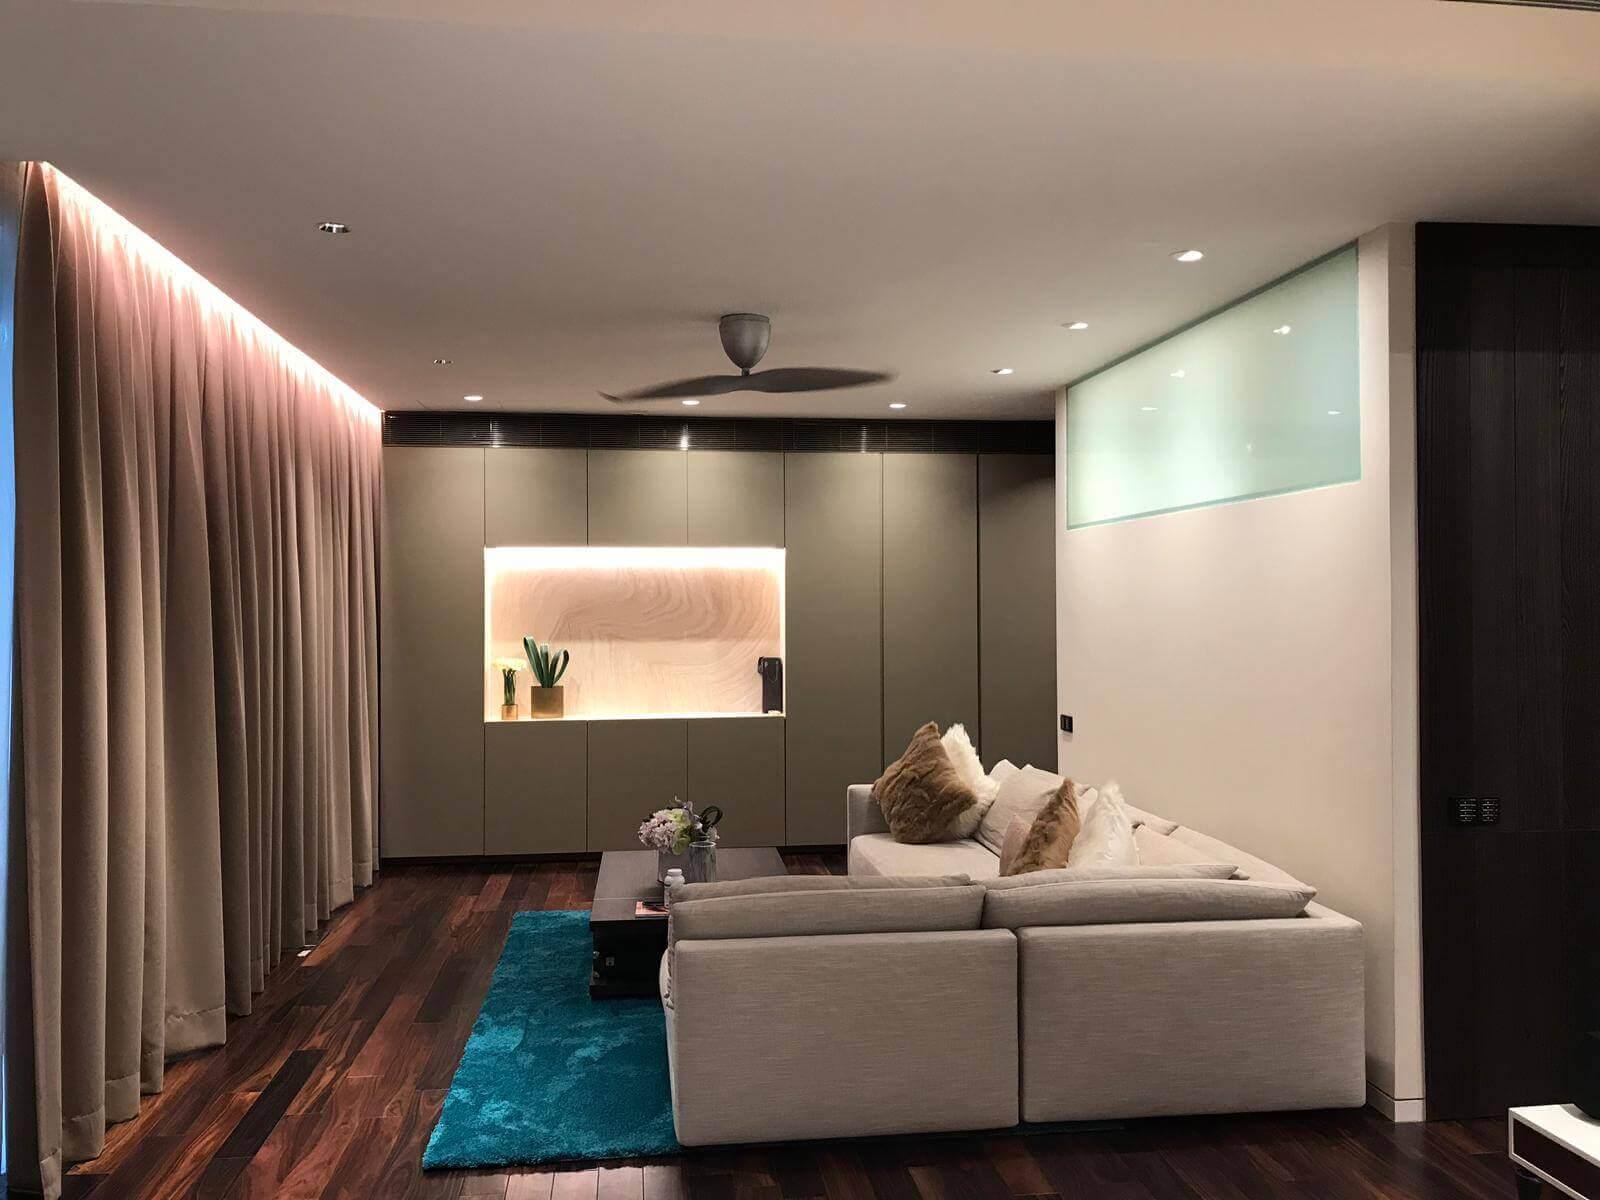 7A Swettenham ham Residential livingroom lighting project